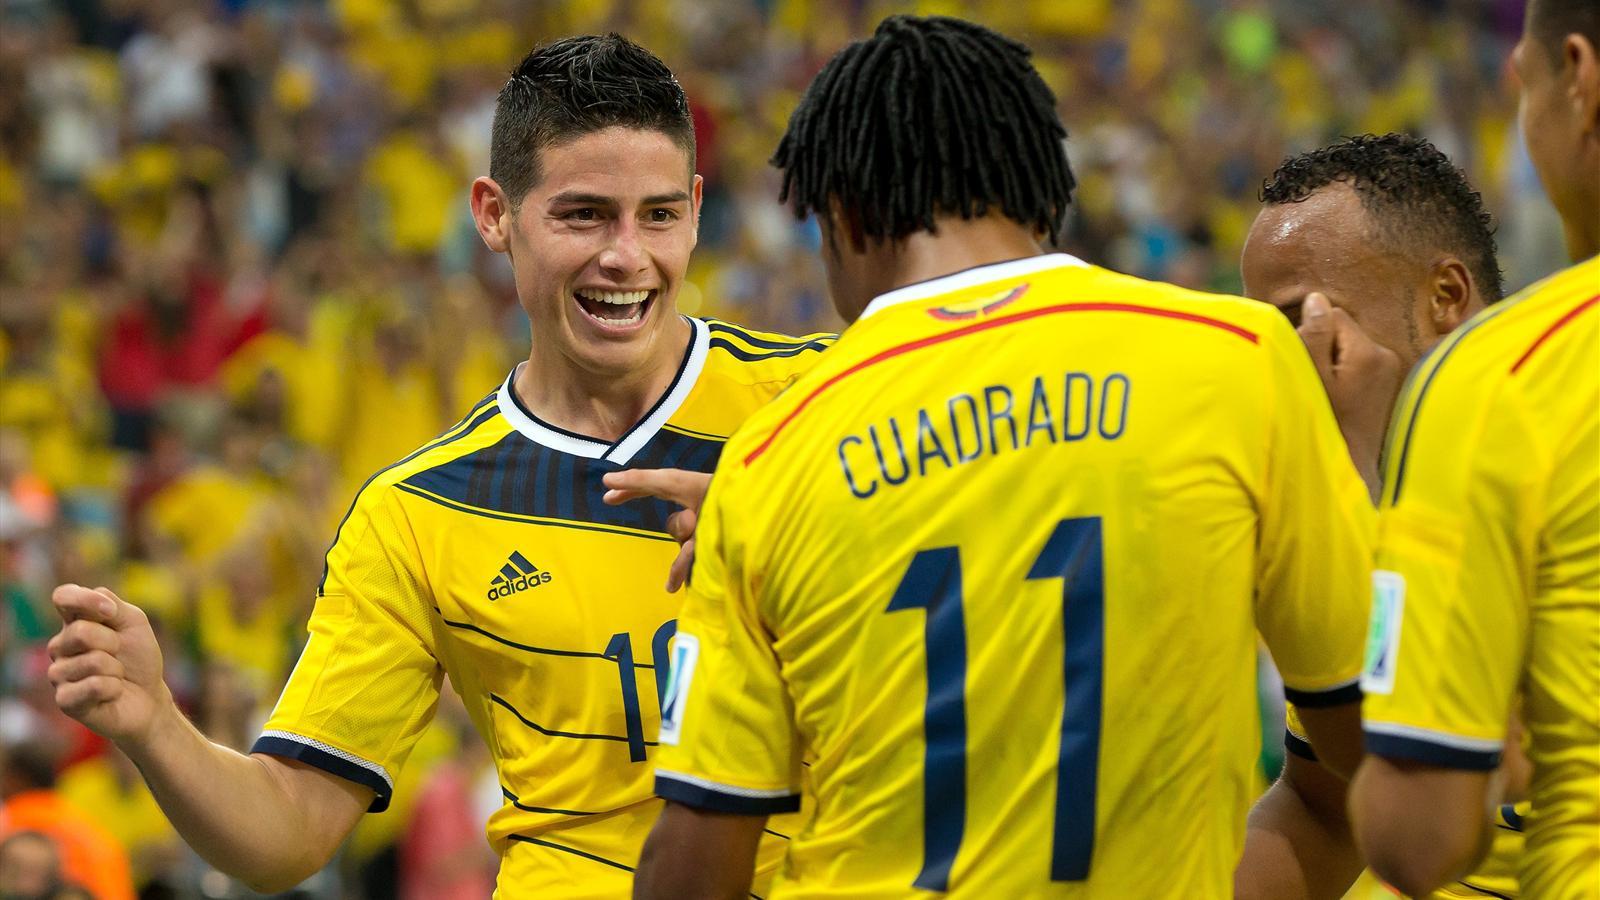 Coupe du monde 2014 la colombie attend le br sil de pied ferme coupe du monde 2014 - Coupe du monde resultats ...